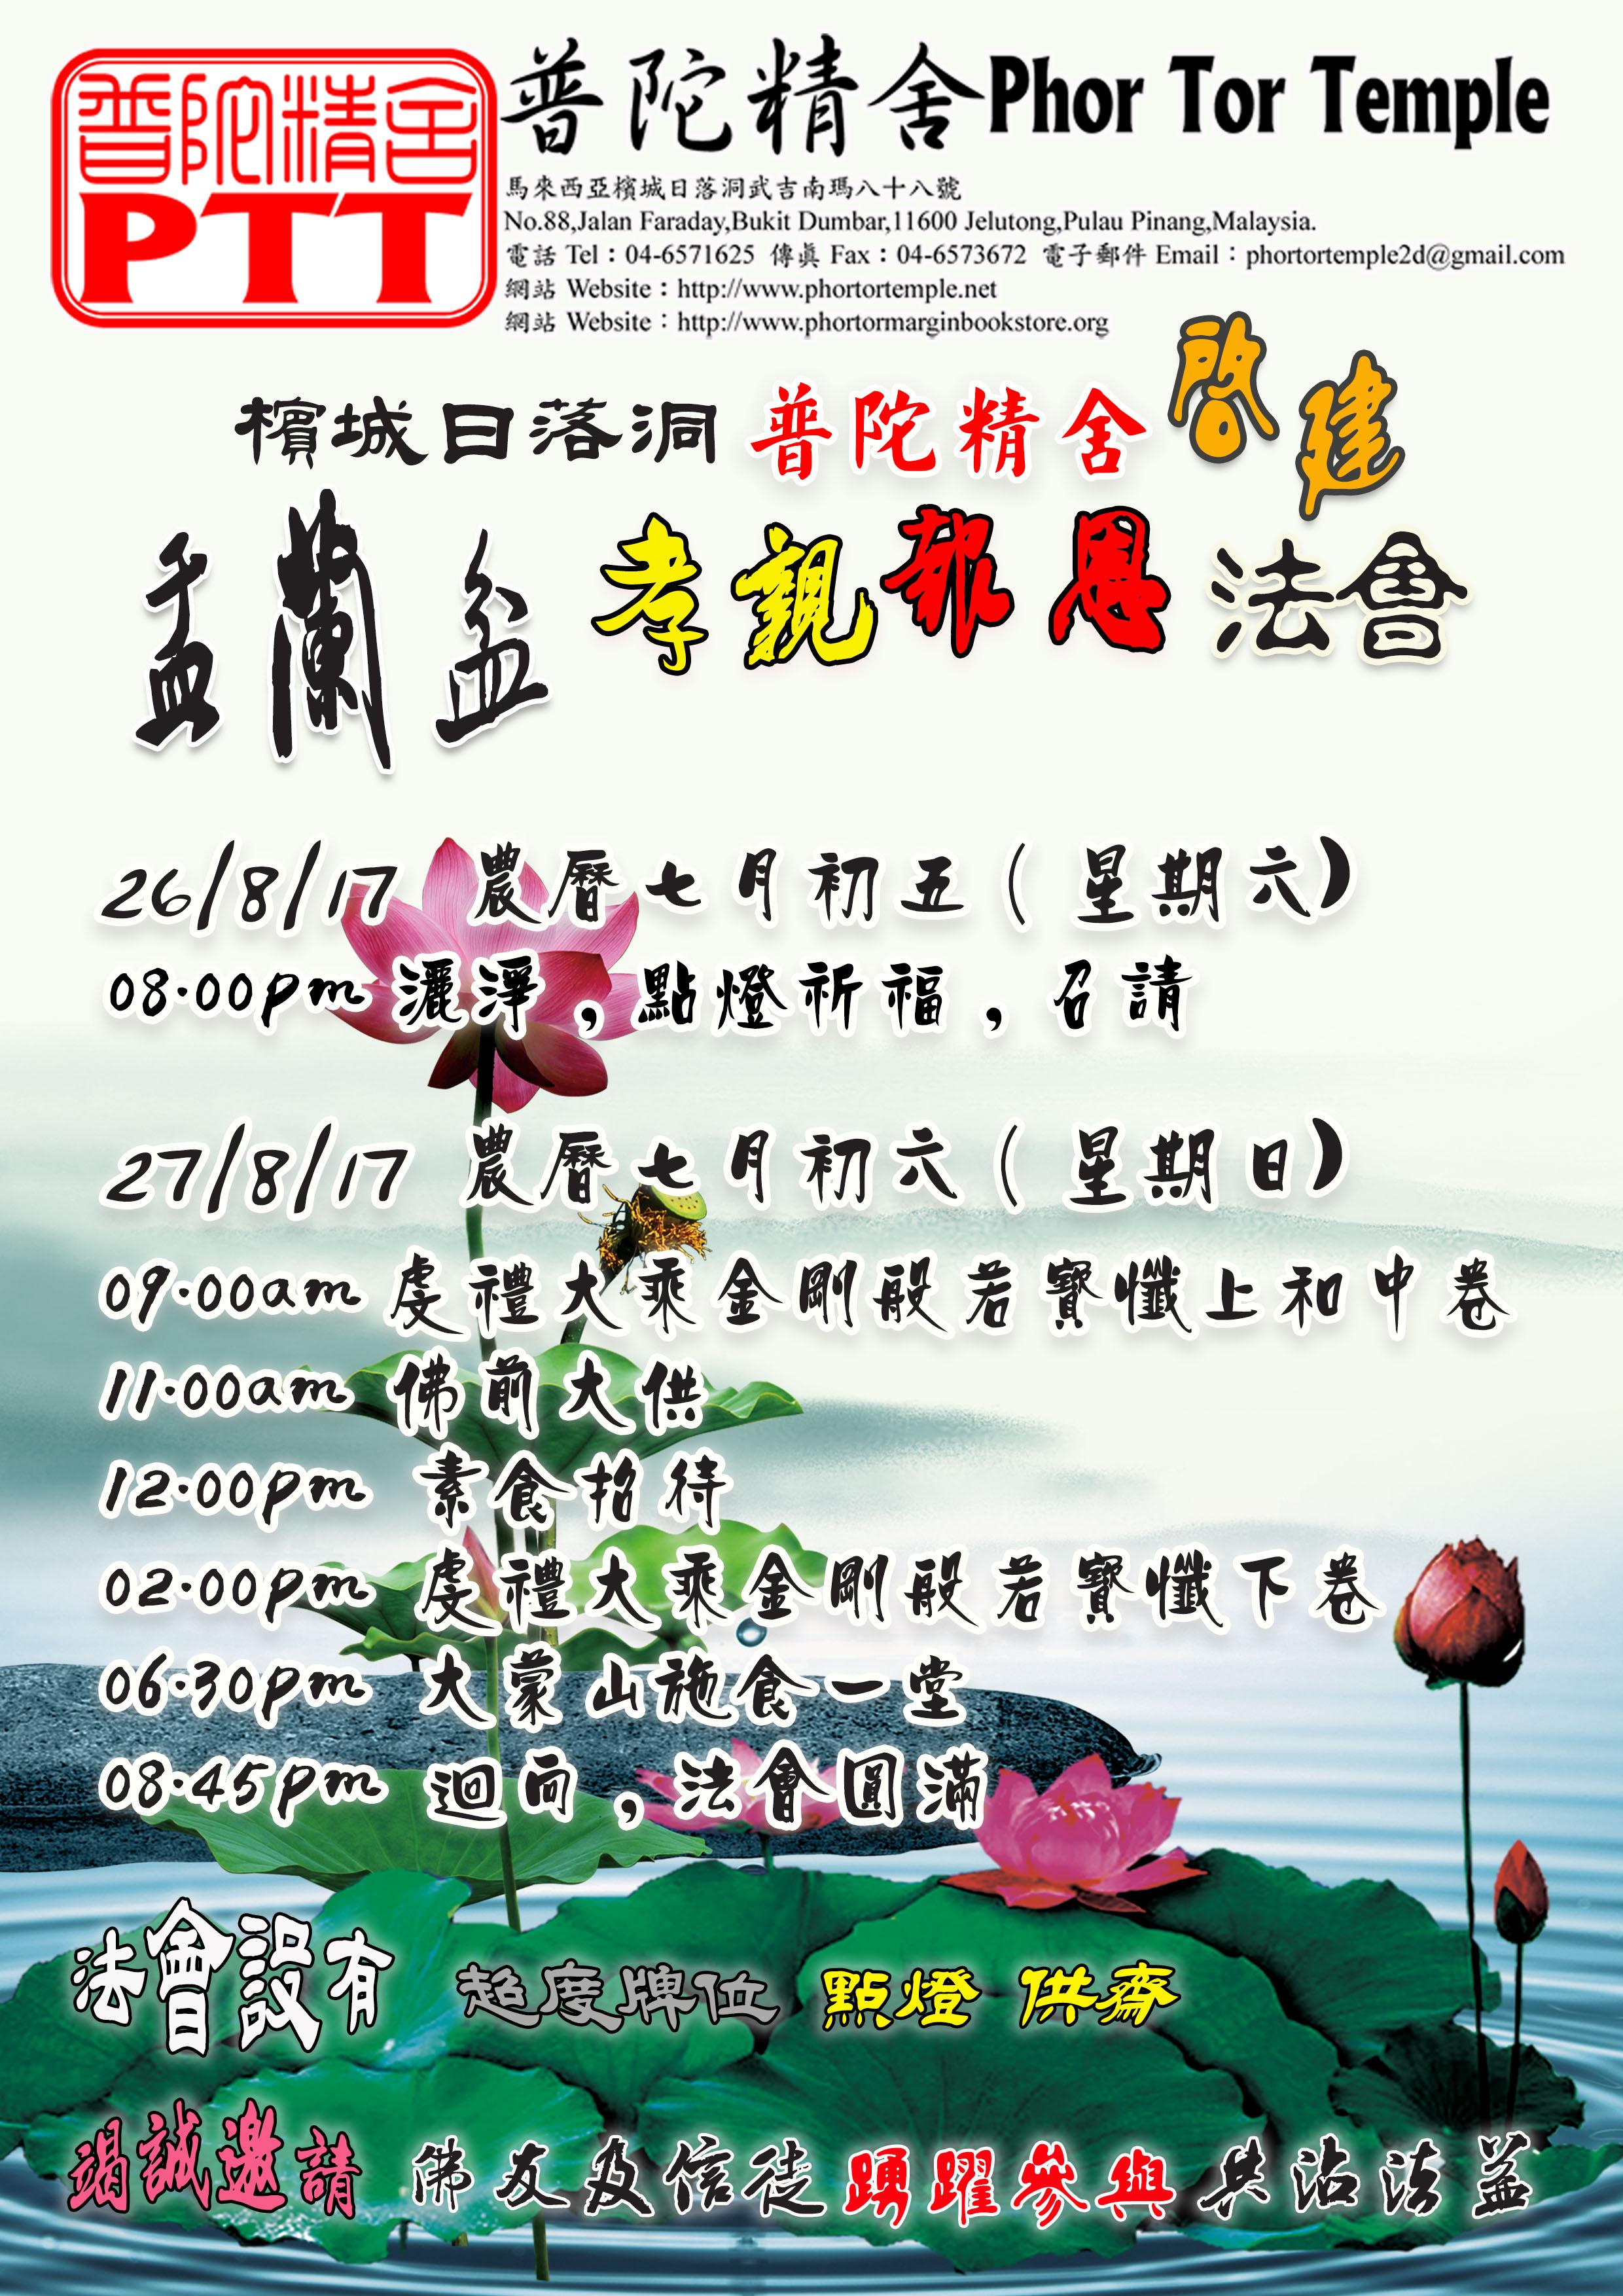 2017年孝親法會.jpg